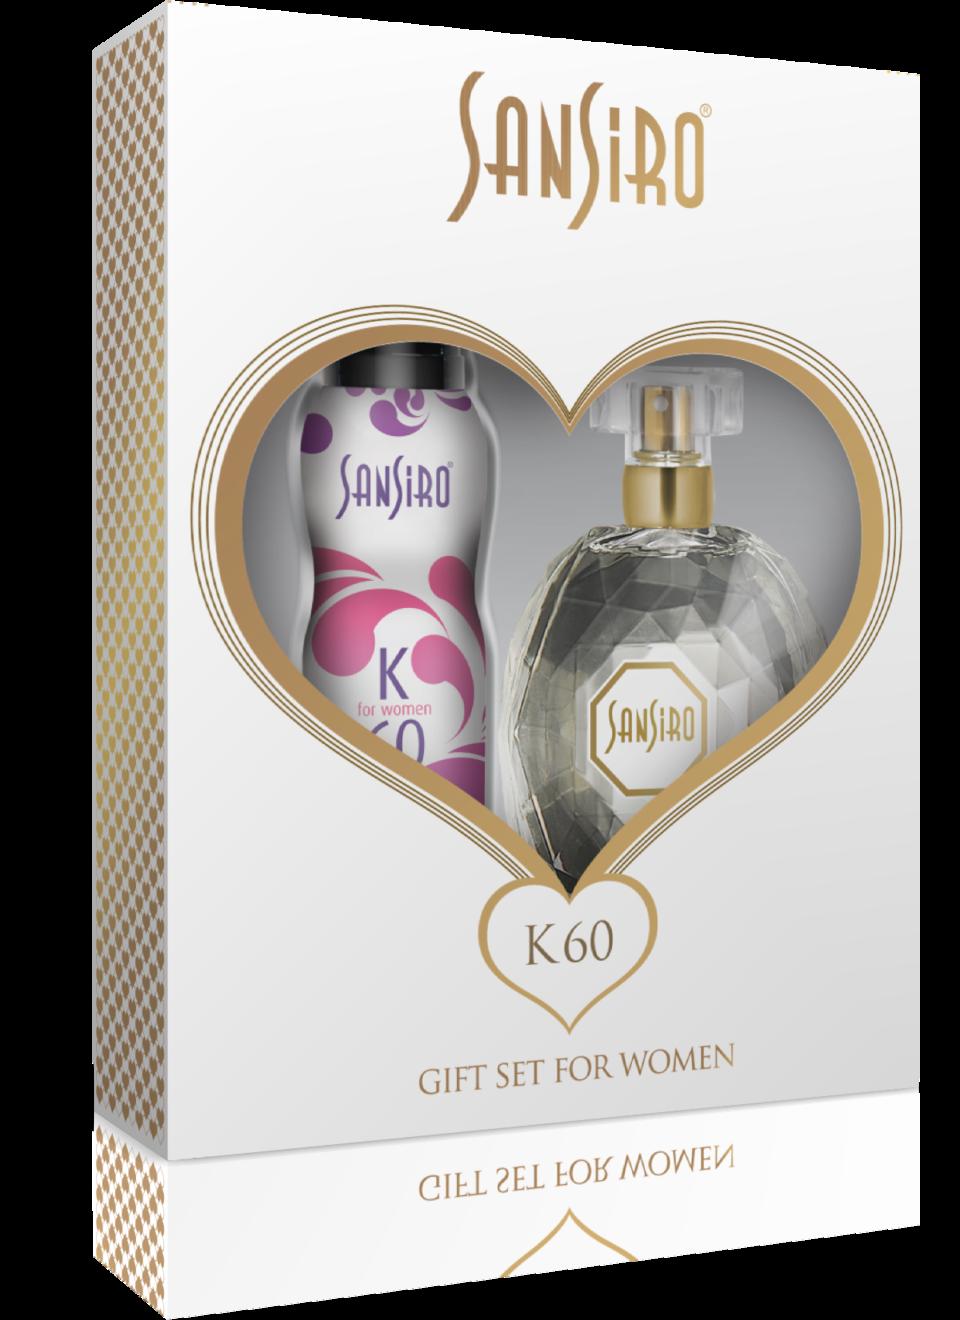 Sansiro Perfume - Gift Sets For Women - Geschenke Set K60